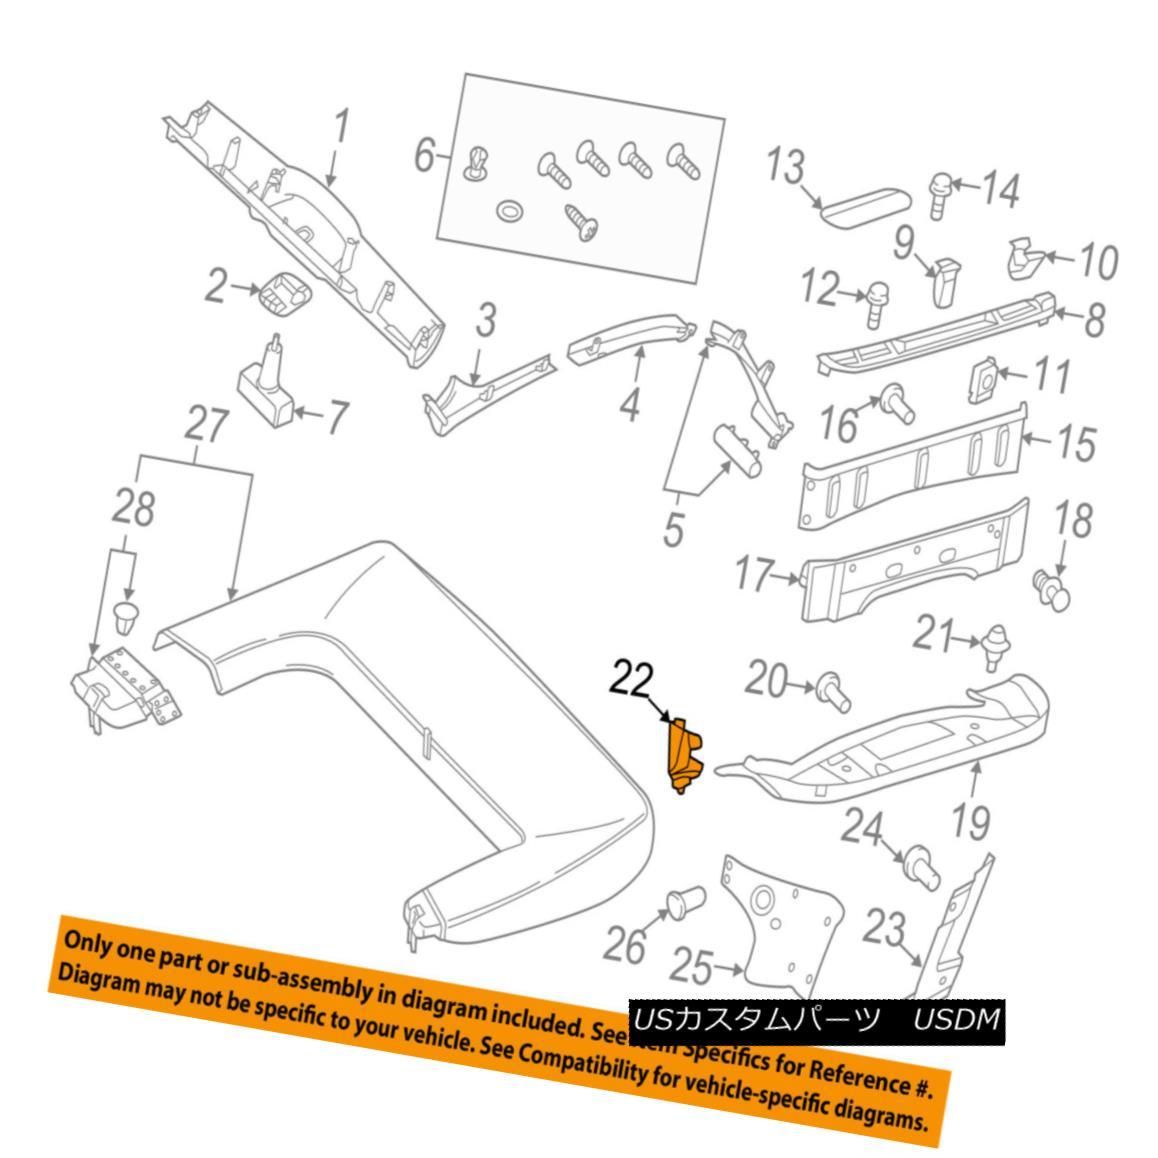 幌・ソフトトップ VW VOLKSWAGEN OEM 13-17 Beetle Convertible/soft Top-Catch Right 5C3813950A VWフォルクスワーゲンOEM 13-17ビートル・カブリオレ/ so ftトップ・キャッチ・ライト5C3813950A